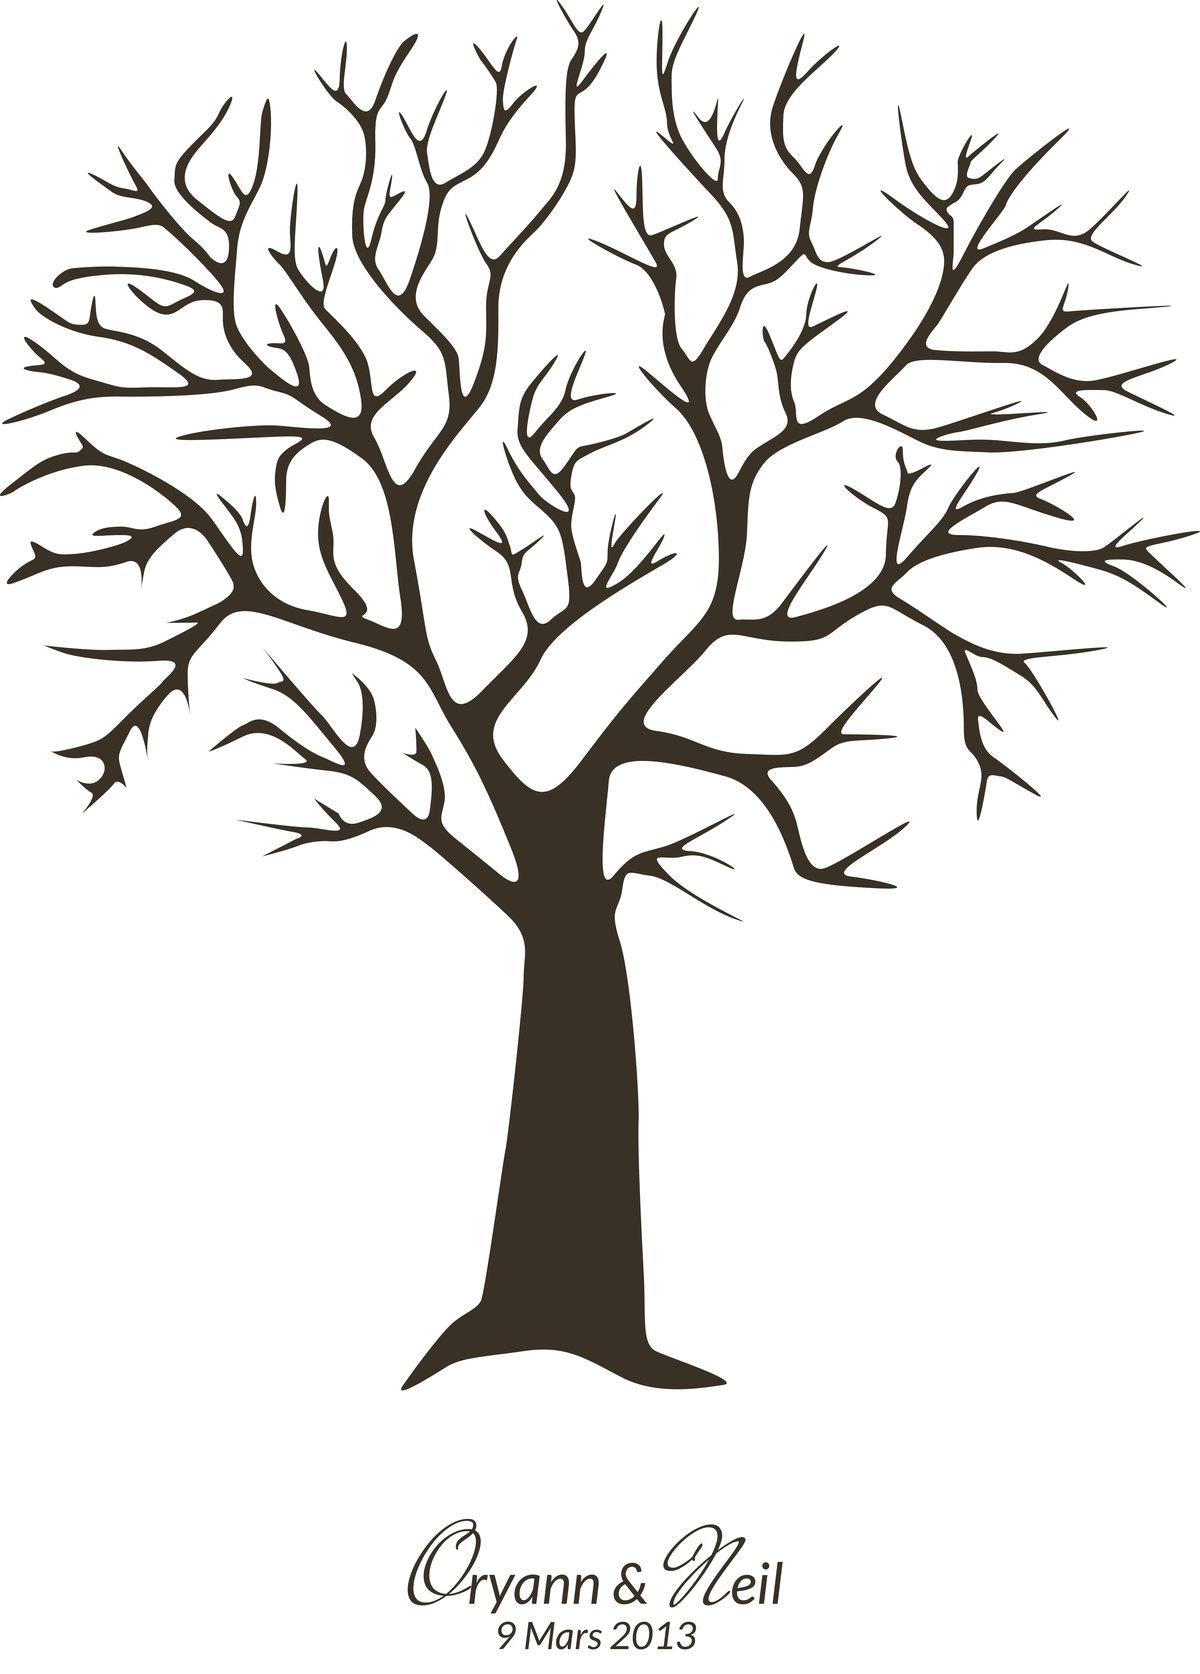 ствол кленового дерева картинки данный момент соревнованиях